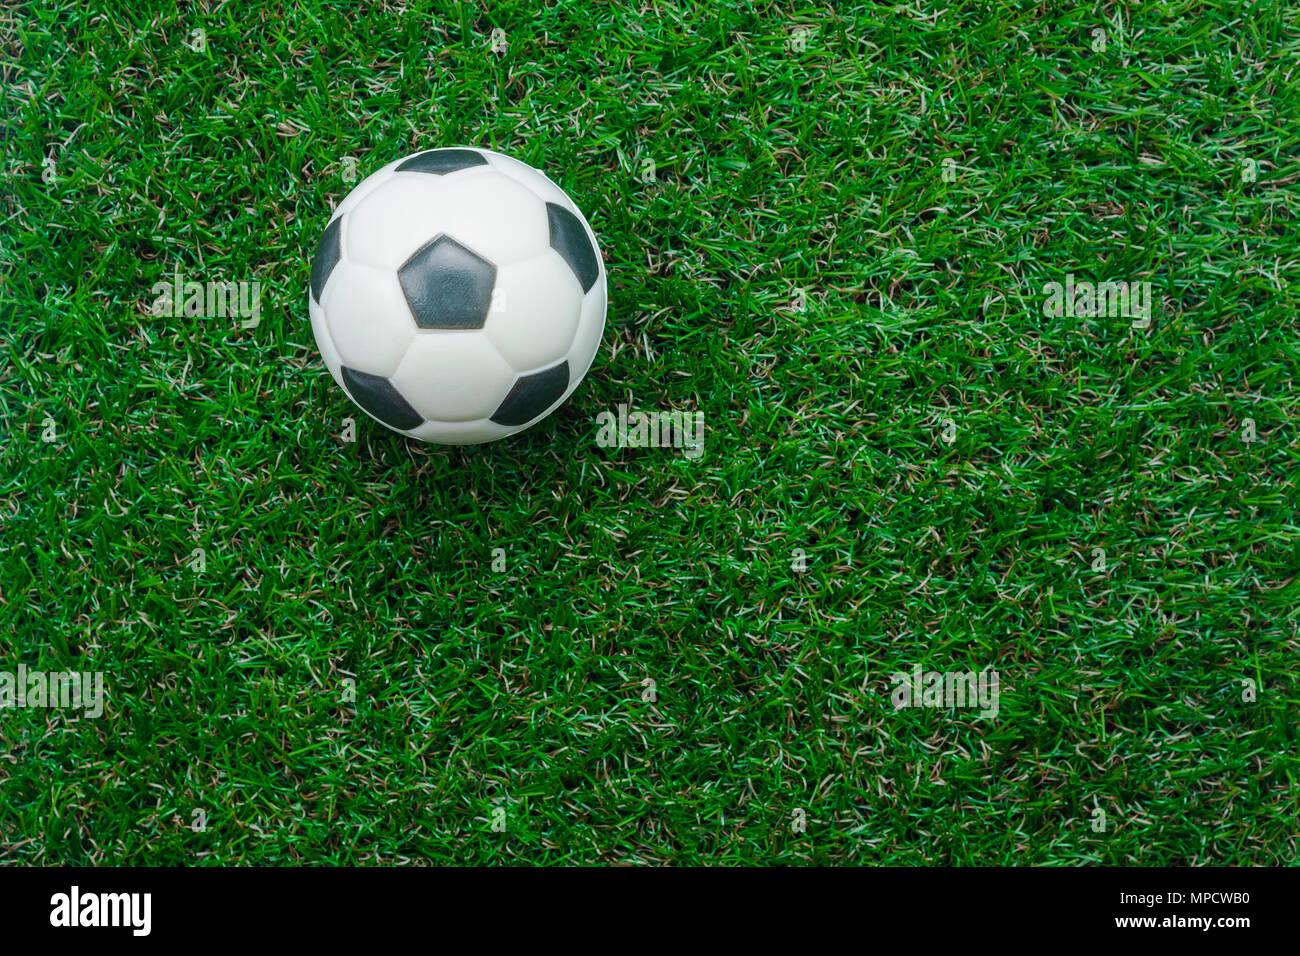 Tabelle Ansicht Von Oben Luftbild Fussball Oder Football